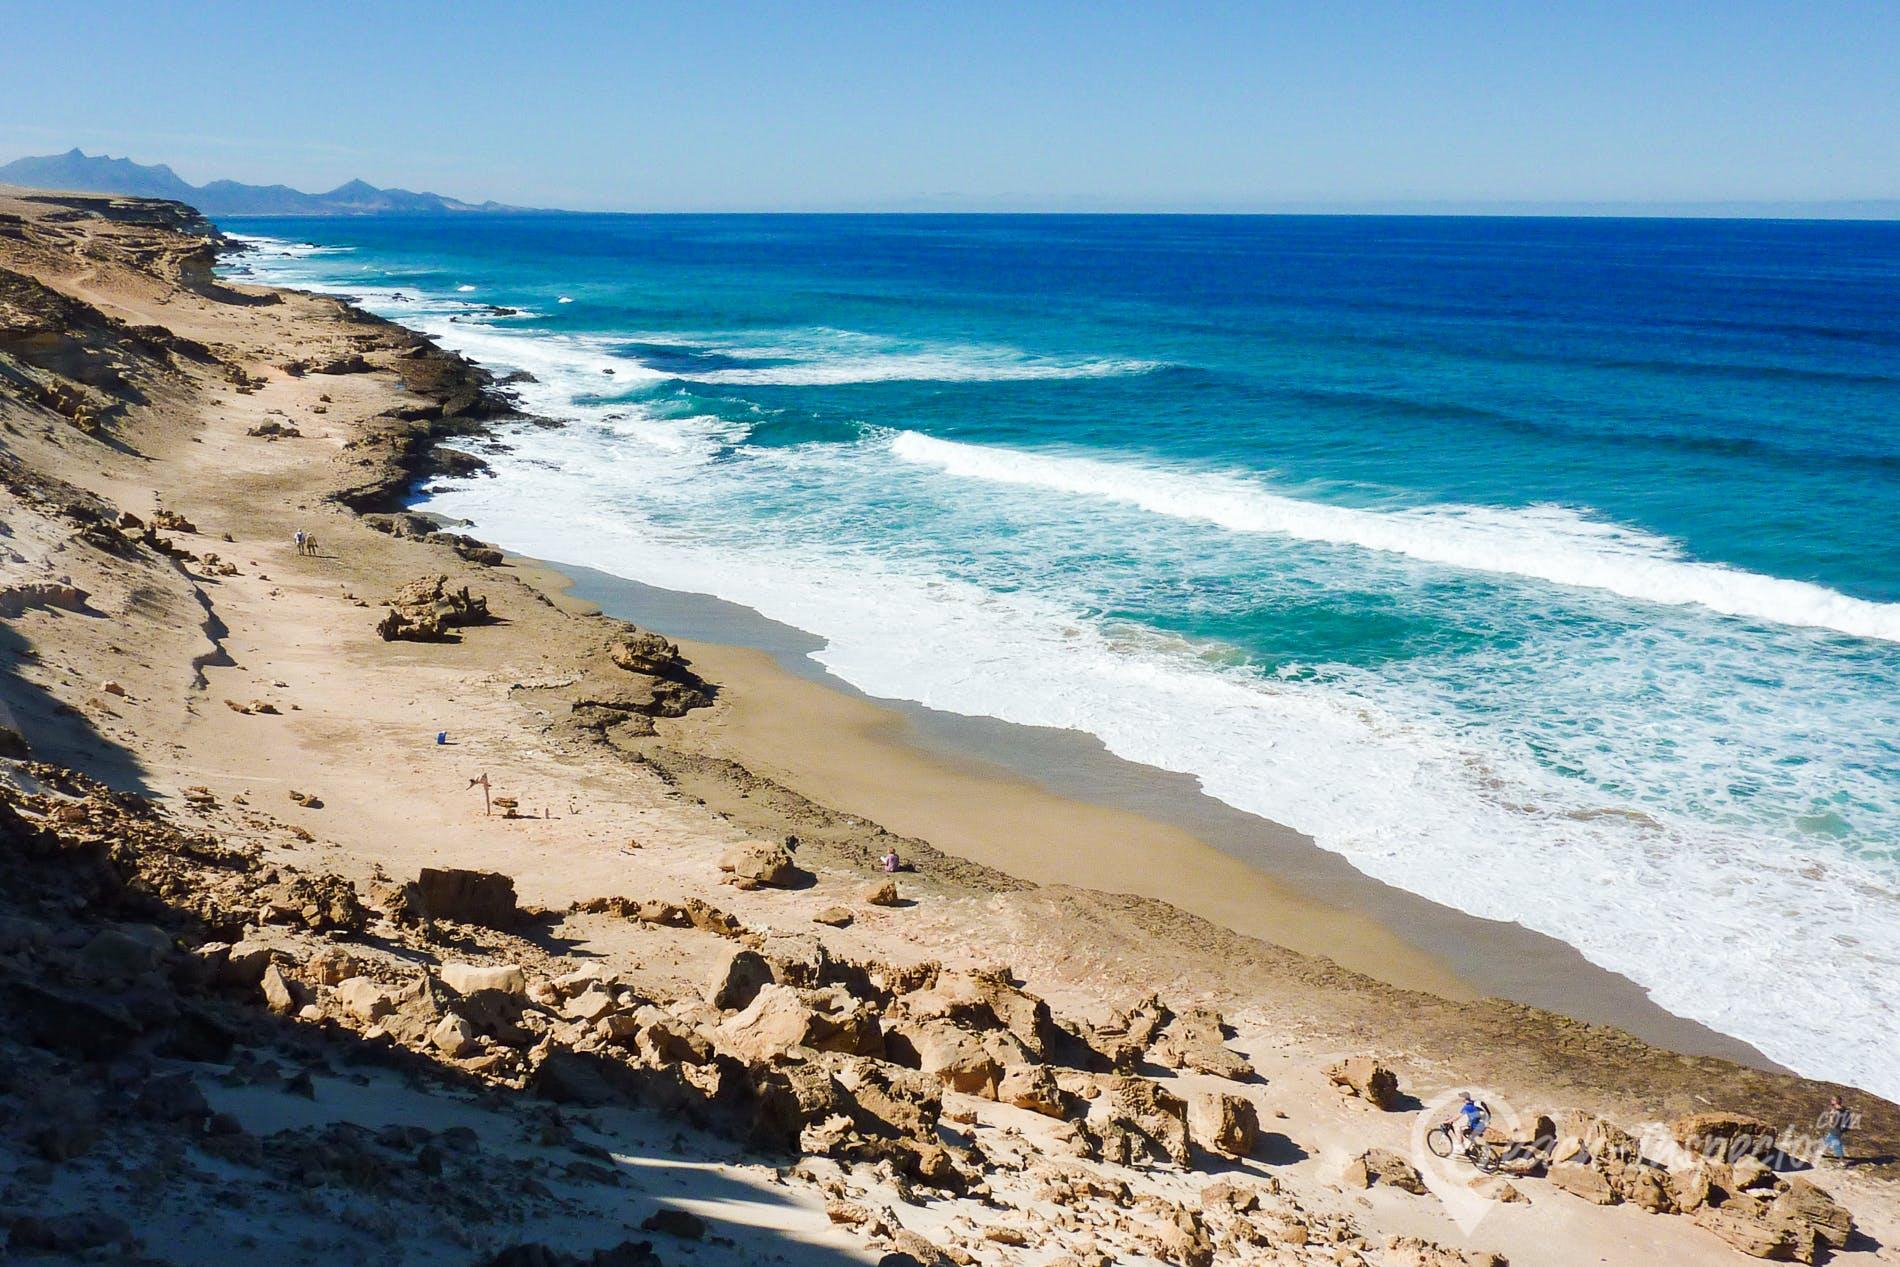 Beach Playa Agua Liques, Fuerteventura, Spain